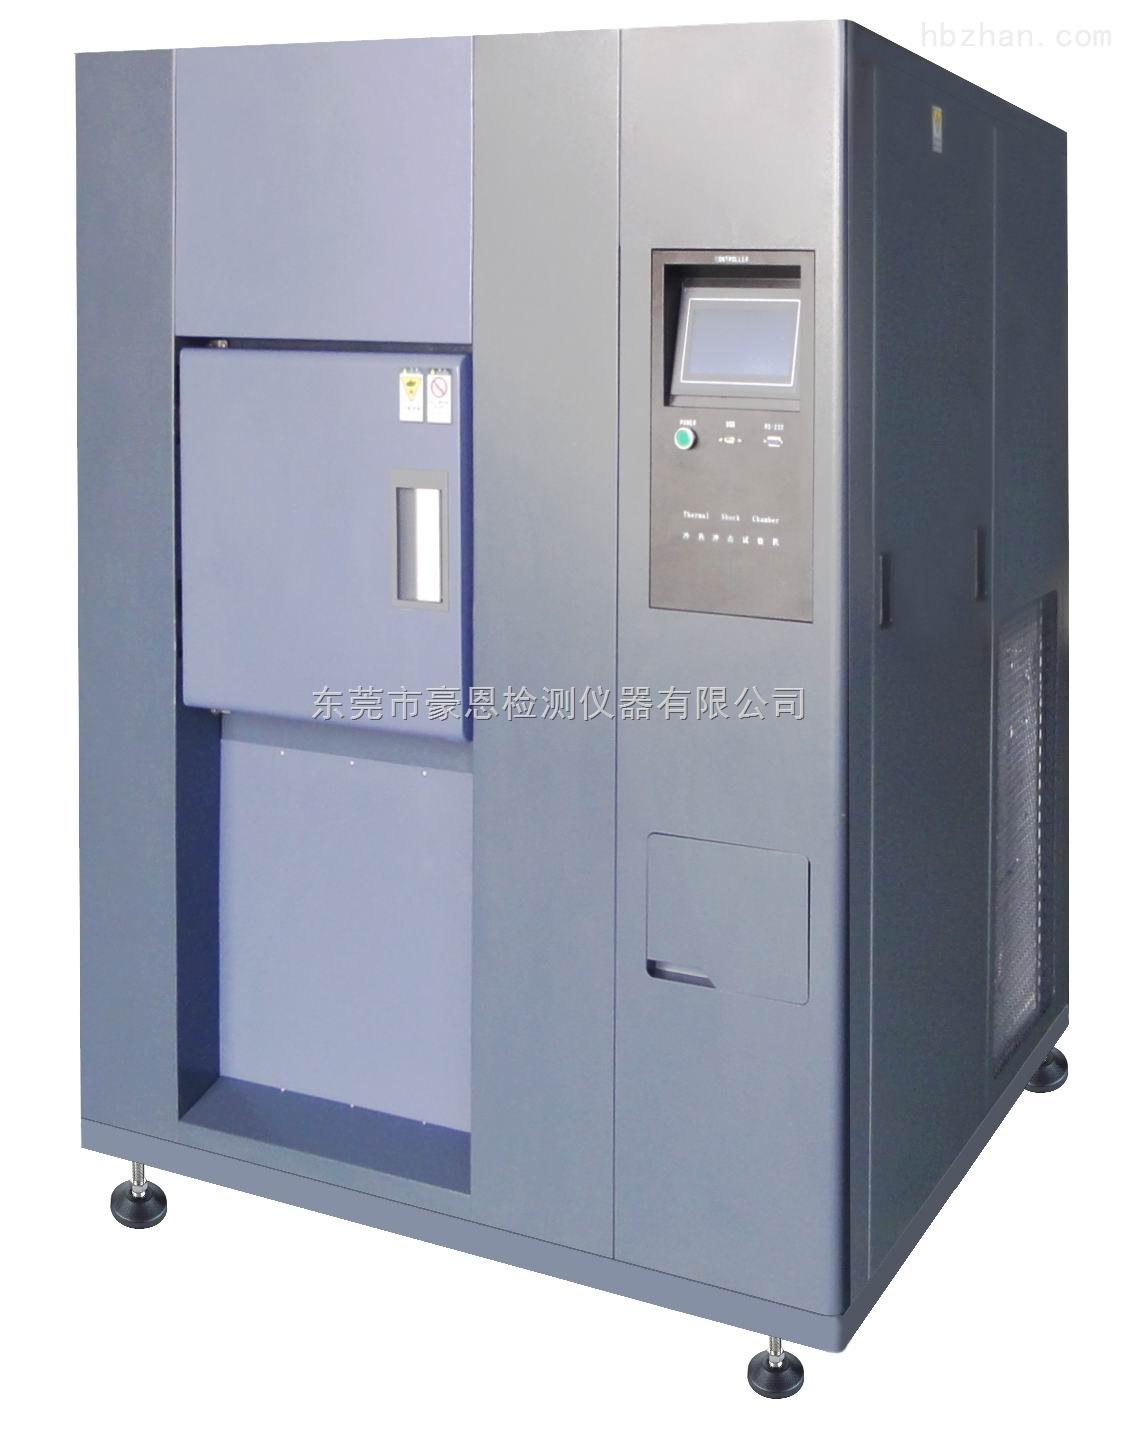 HE-LR-50W三槽式冷热冲击试验箱